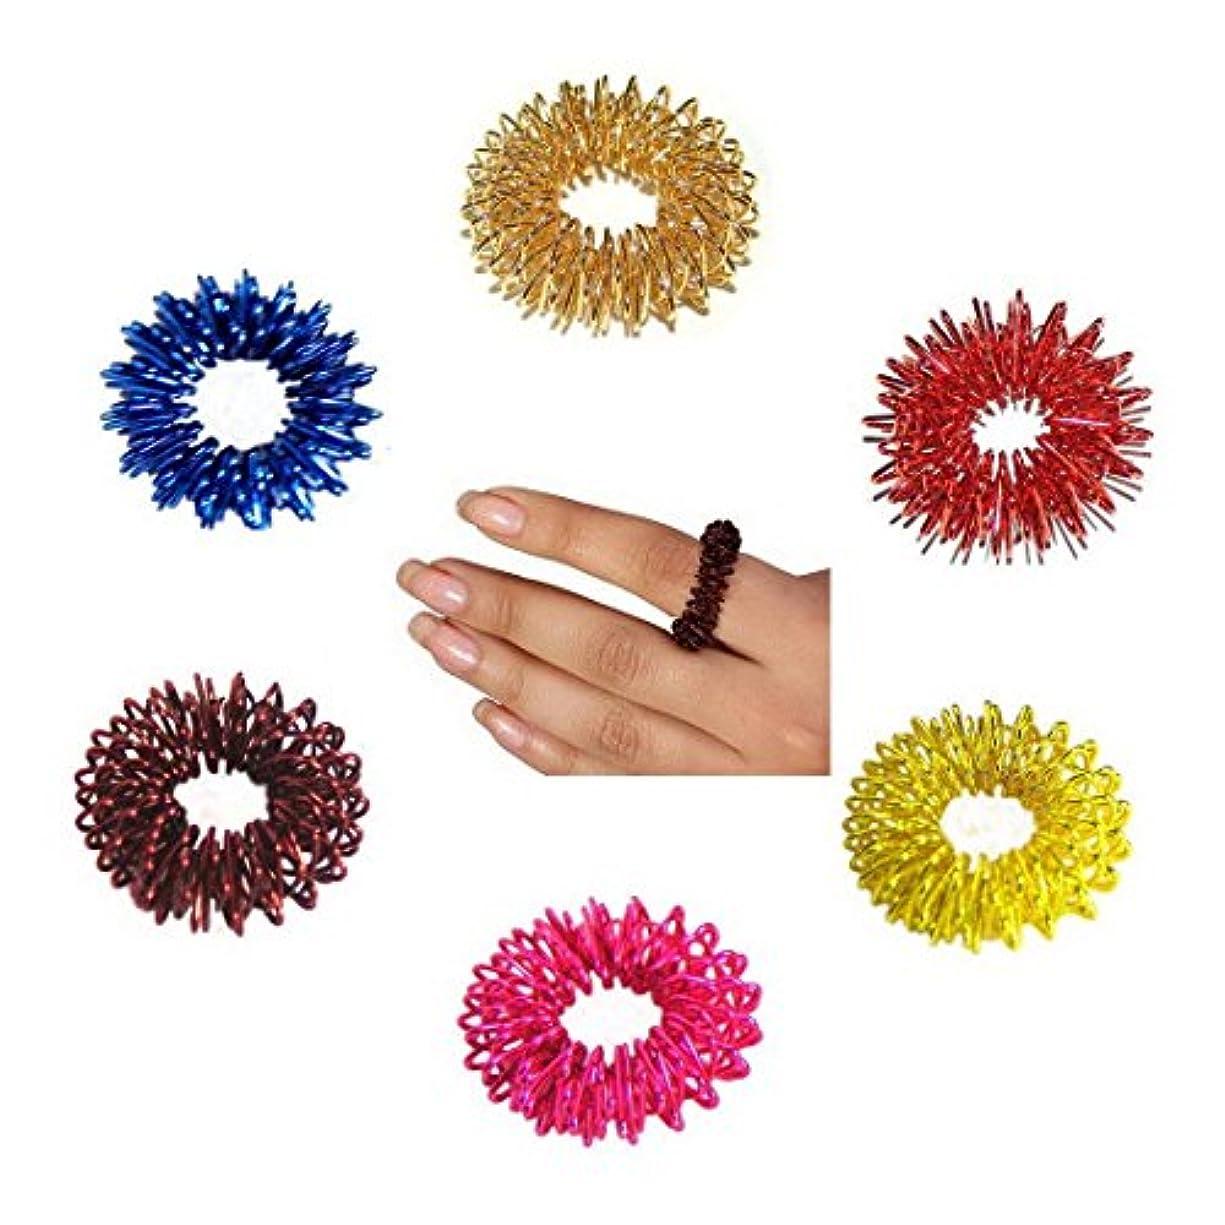 安全性日コンテストBuycrafty 10 Pcs Acupressure Rings Massage Ring Massager relaxology, BEST High Density Deep Tissue Acupressure